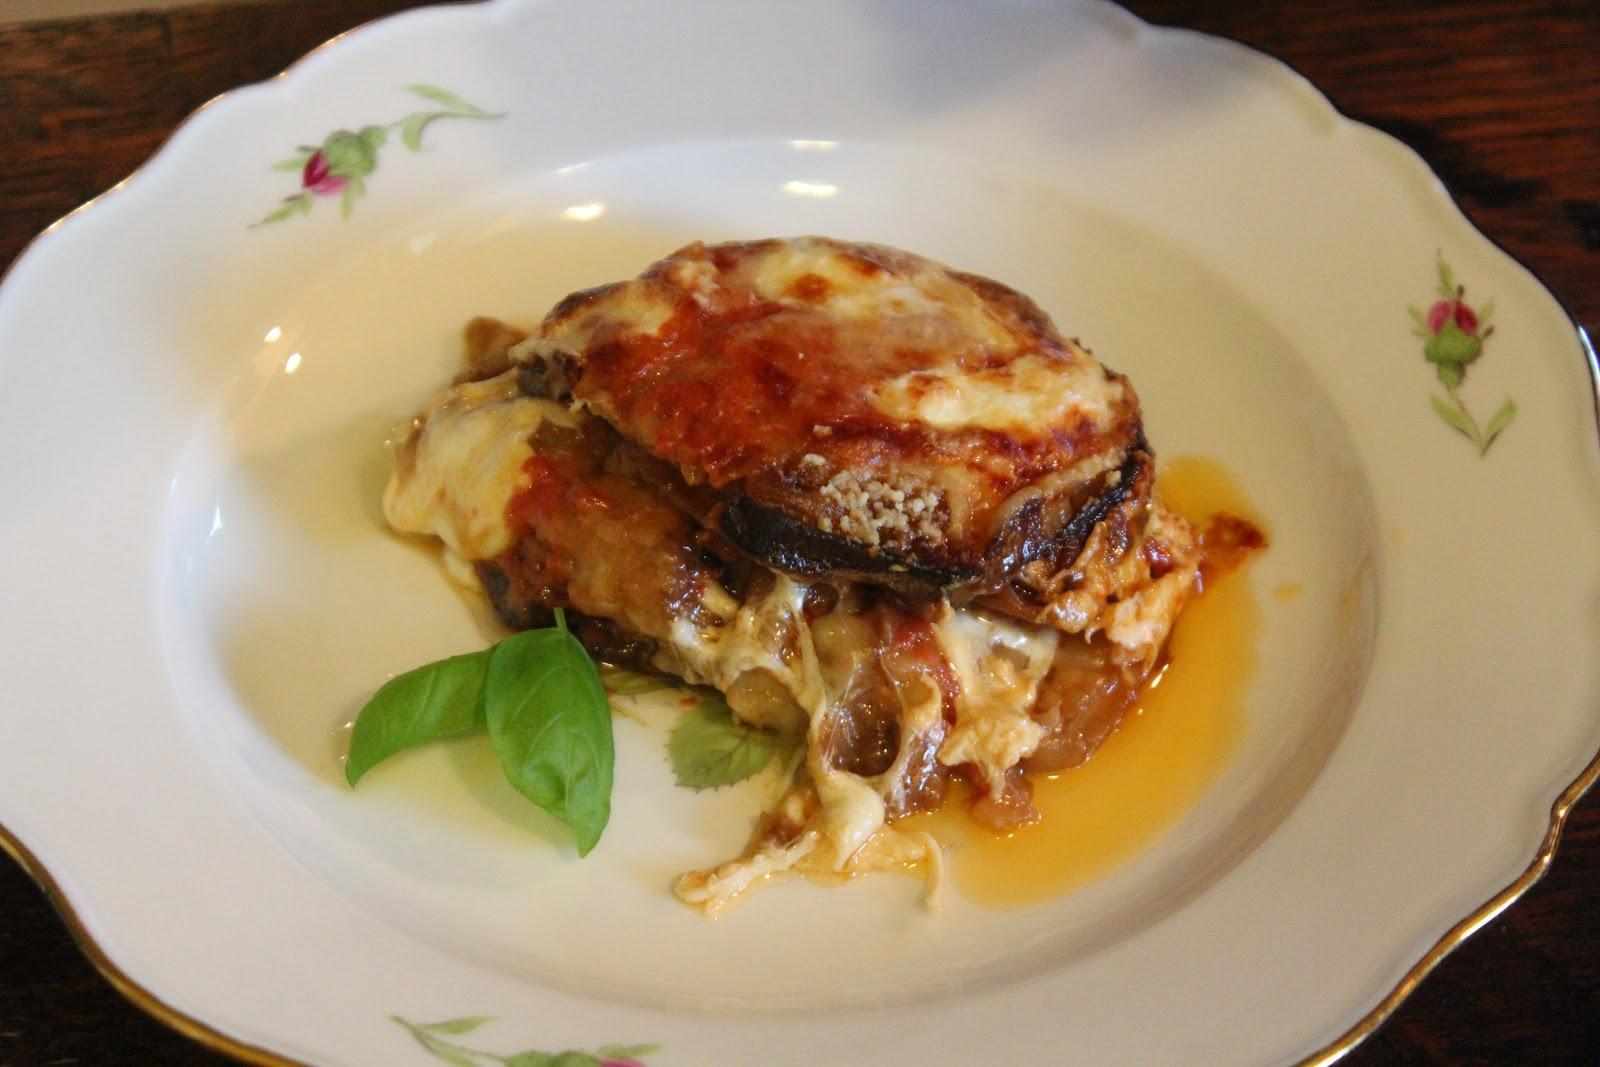 ... Blog: Eggplant Parmesan - Melanzane alla Parmigiana - Real Recipe